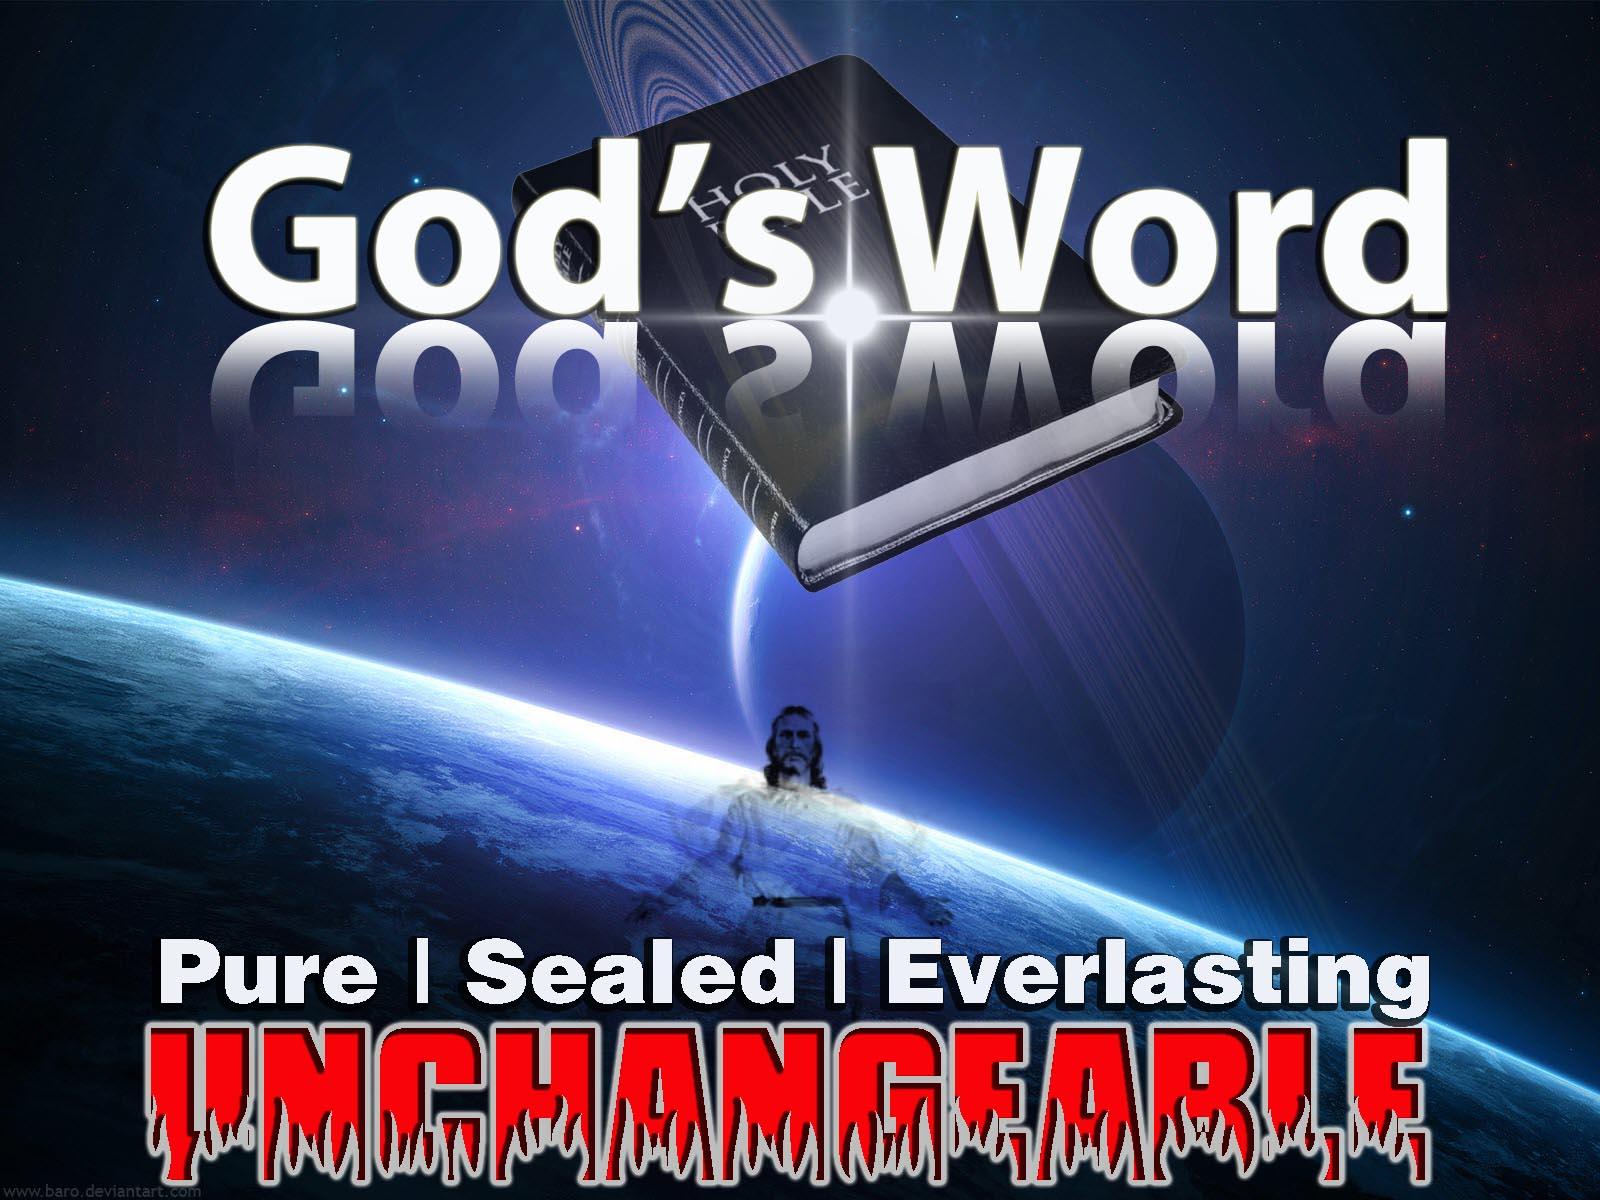 gods-word-is-unchangeable